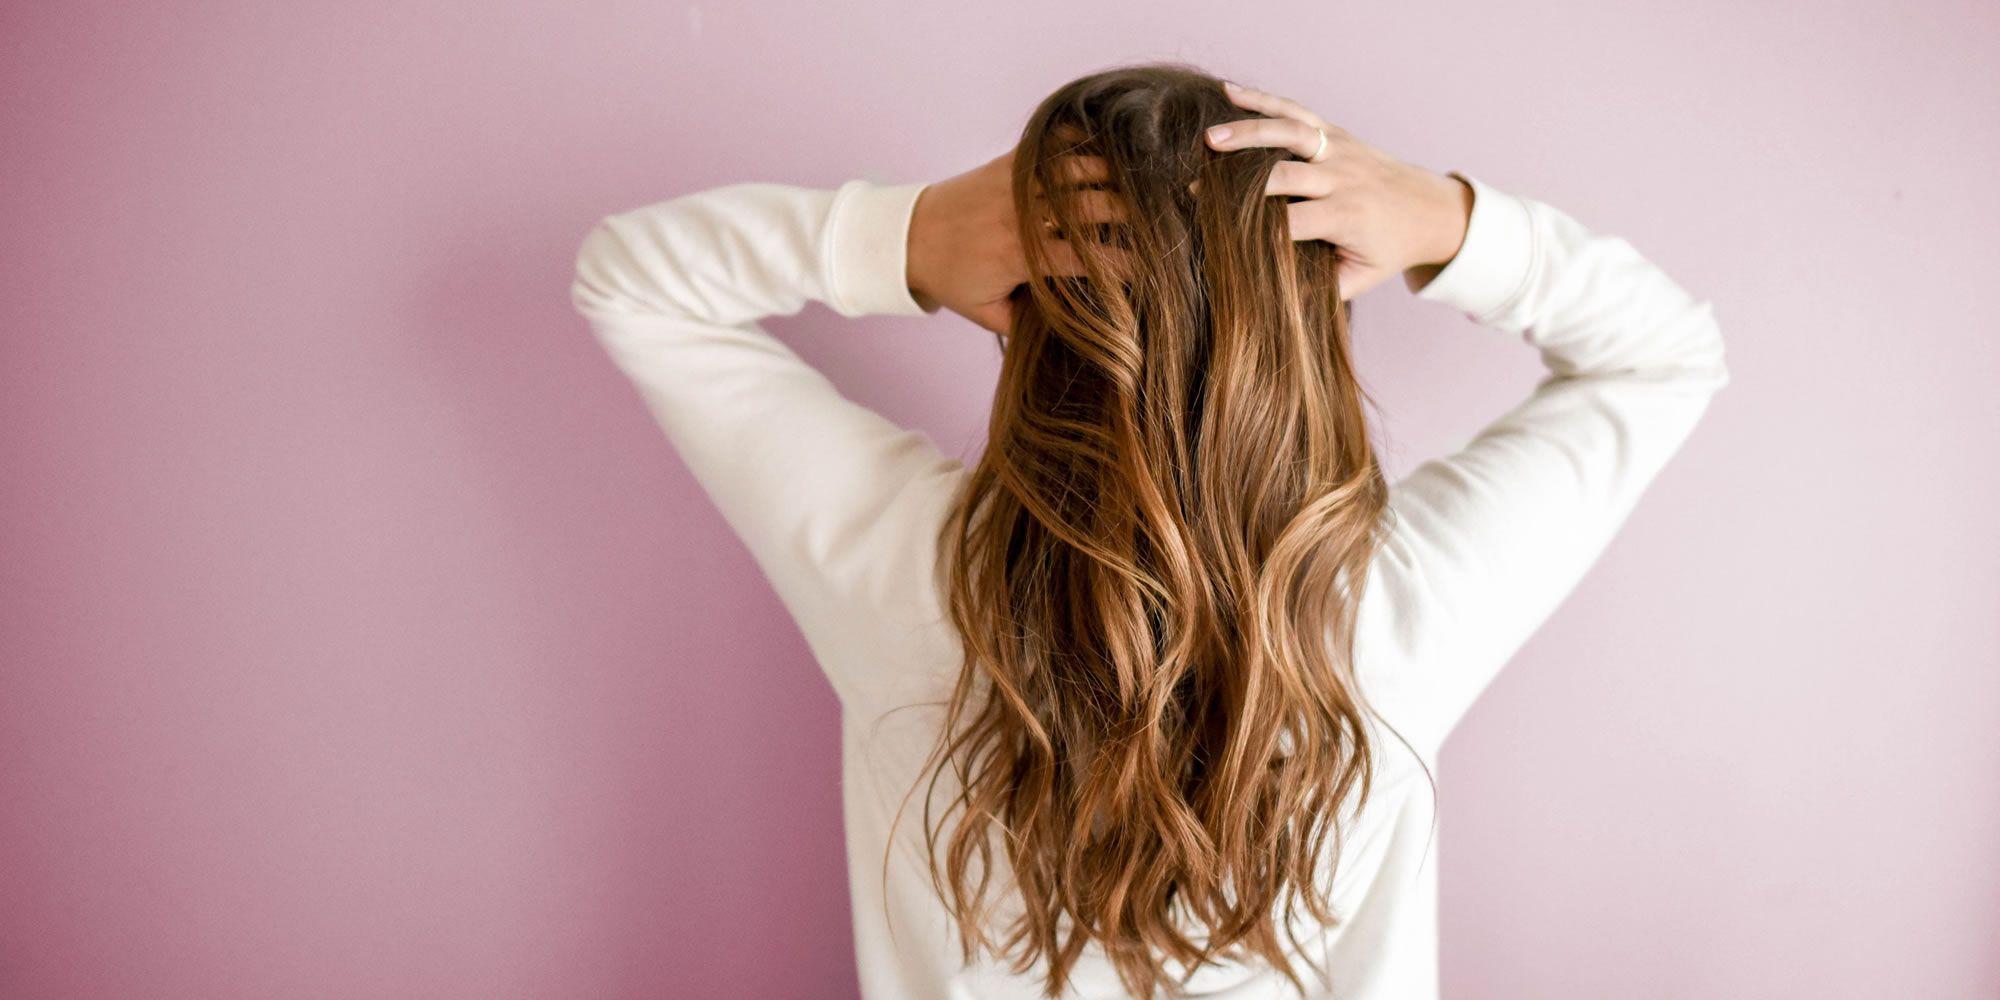 Colore di capelli sbagliato